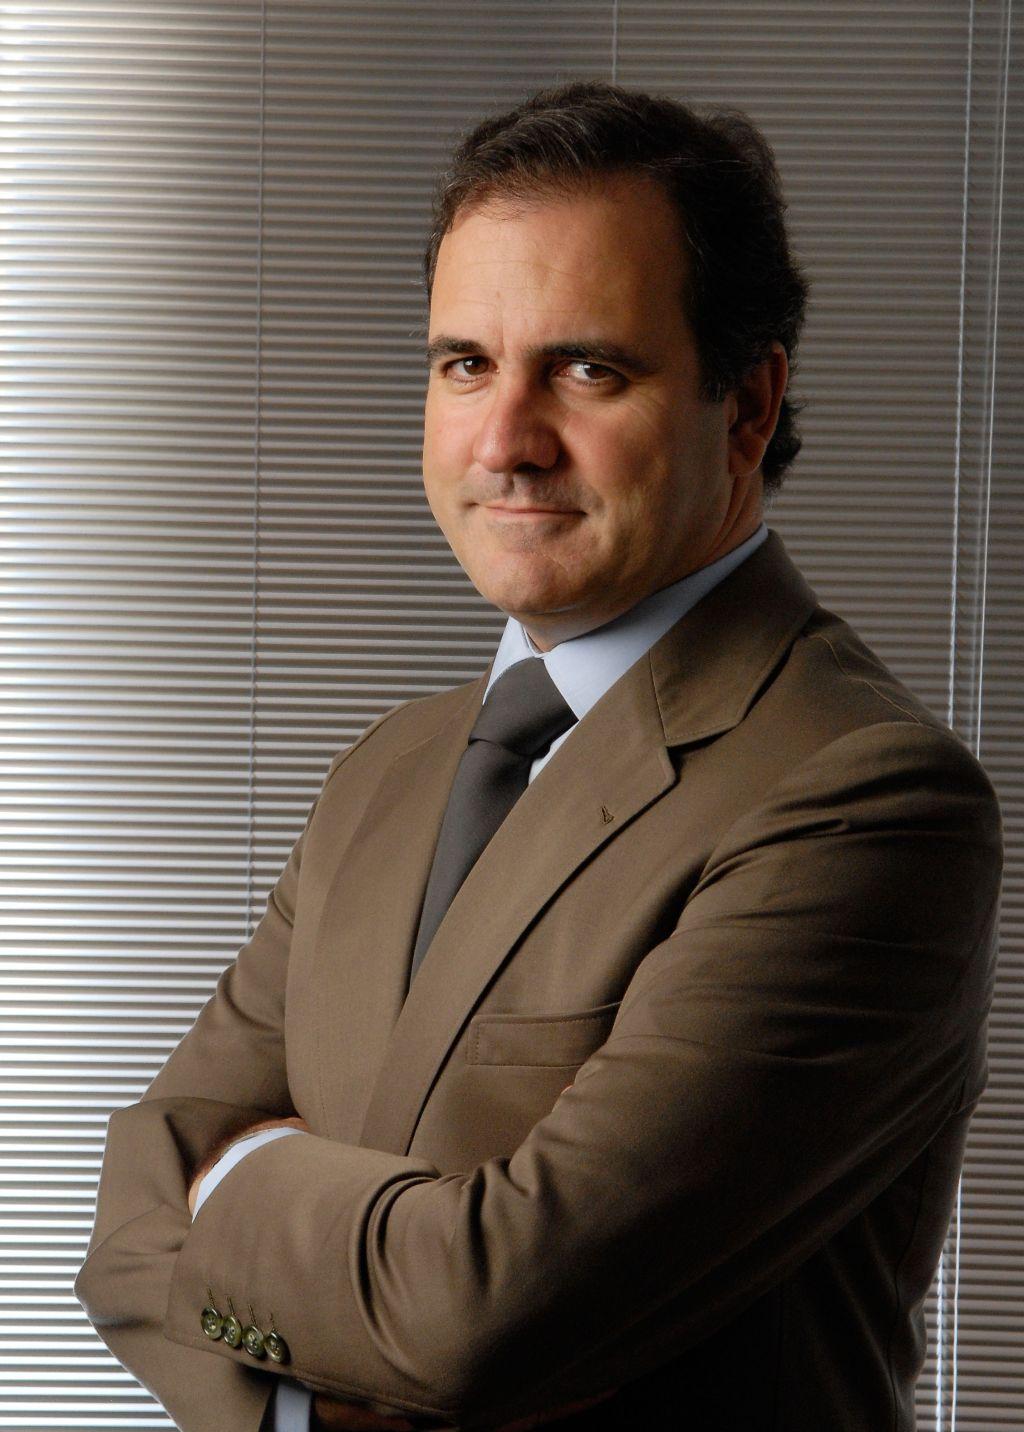 Pires de Lima, Ministro da Economia